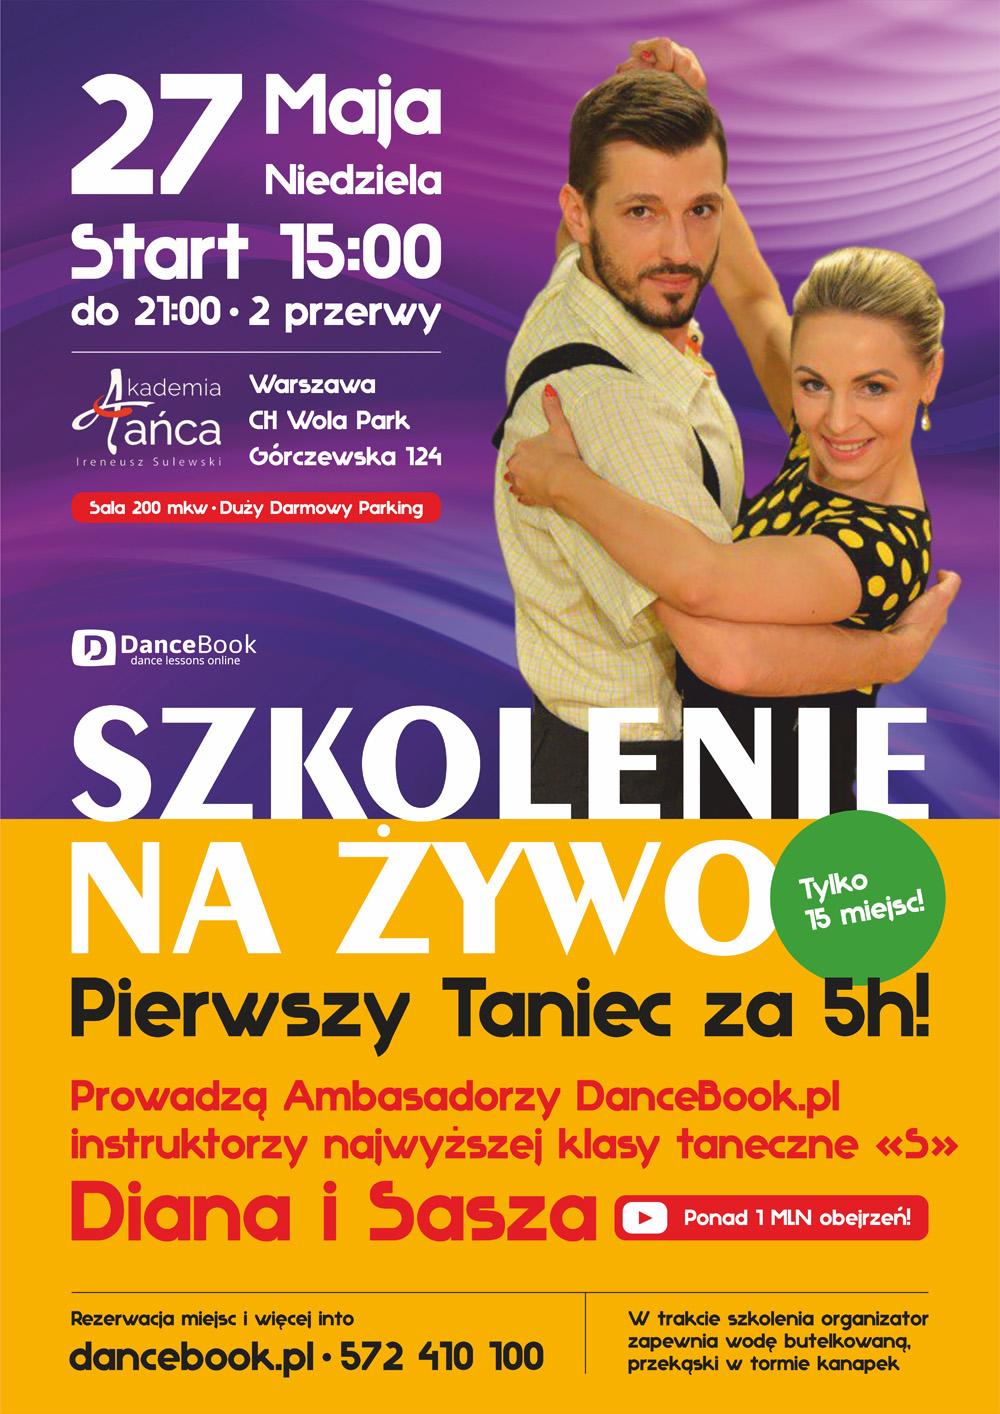 Szkolenie Pierwszego Tańca w Warszawie - Dancebook.pl